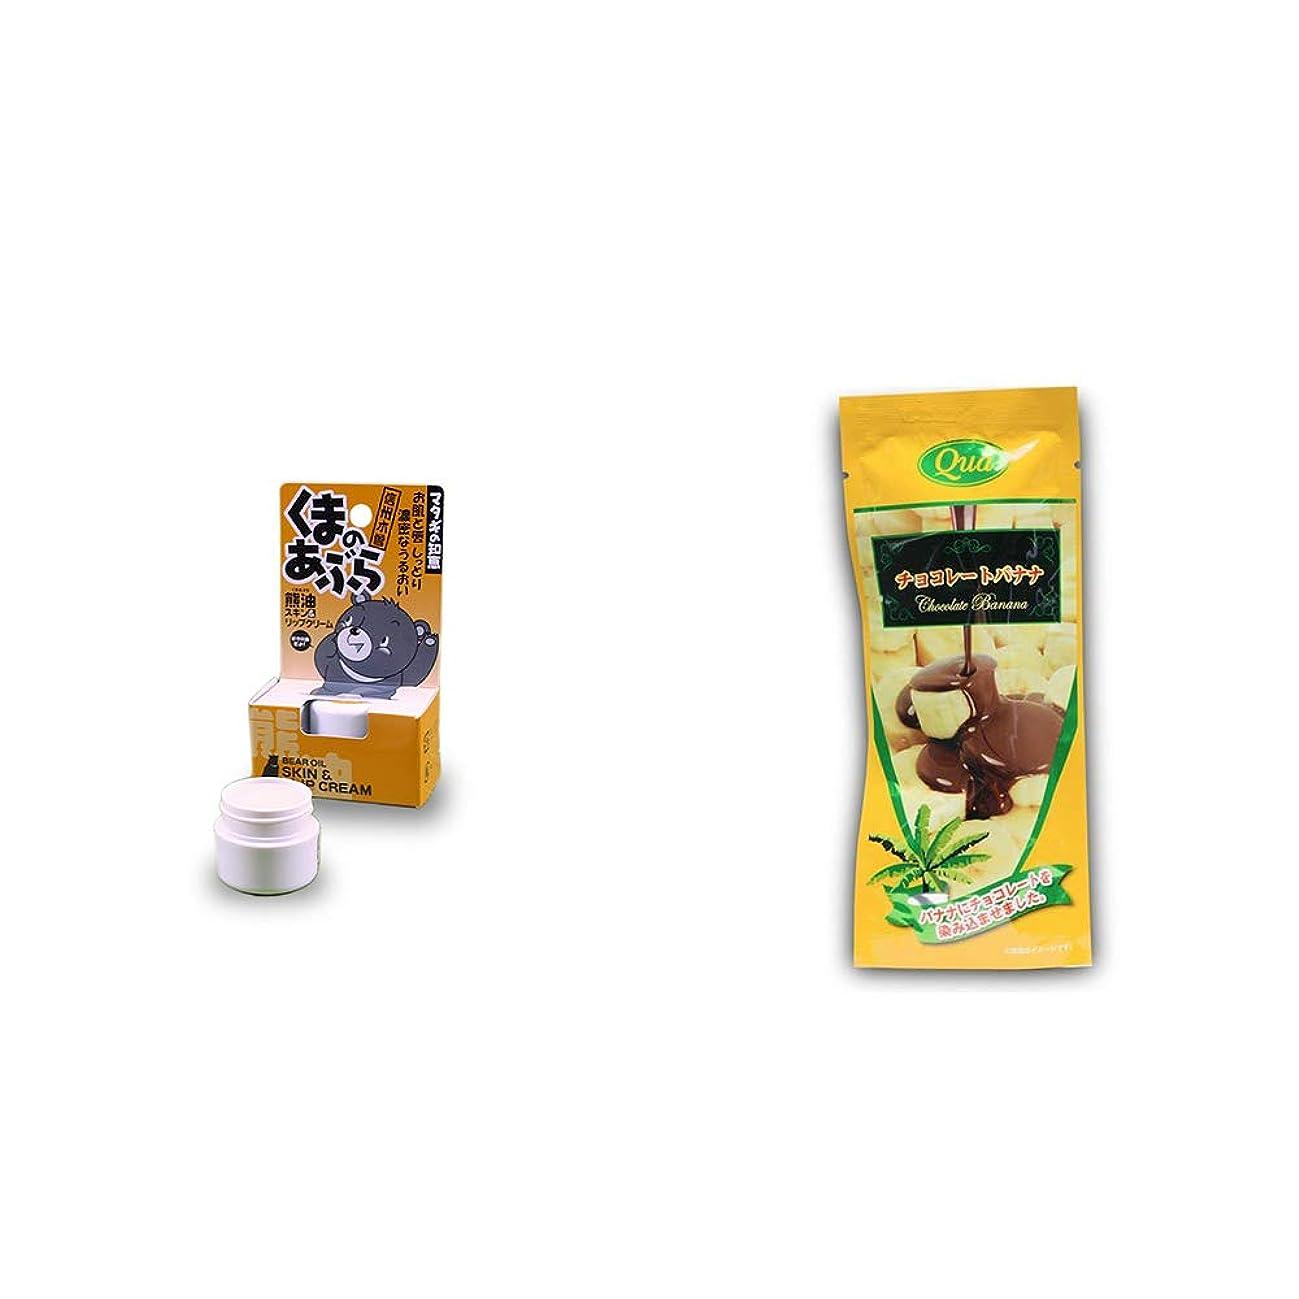 ヘロイン考古学者強大な[2点セット] 信州木曽 くまのあぶら 熊油スキン&リップクリーム(9g)?フリーズドライ チョコレートバナナ(50g)